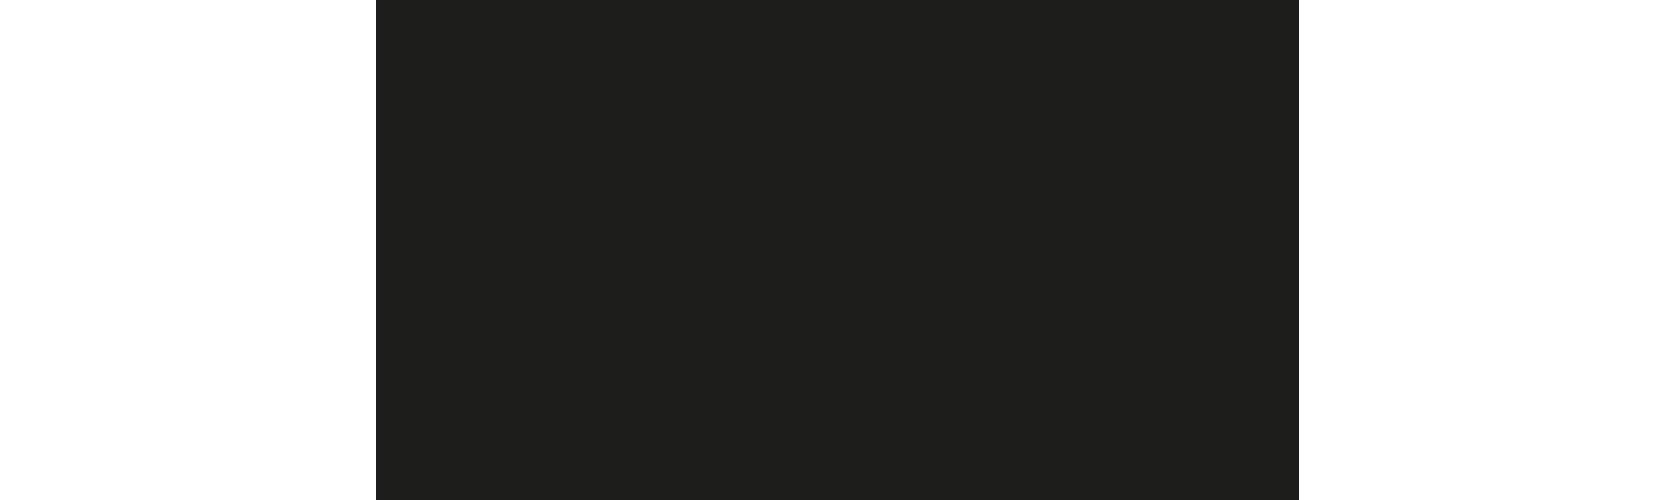 Shure KSM9 a condensatore Microfono per voce Curva di risposta in frequenza